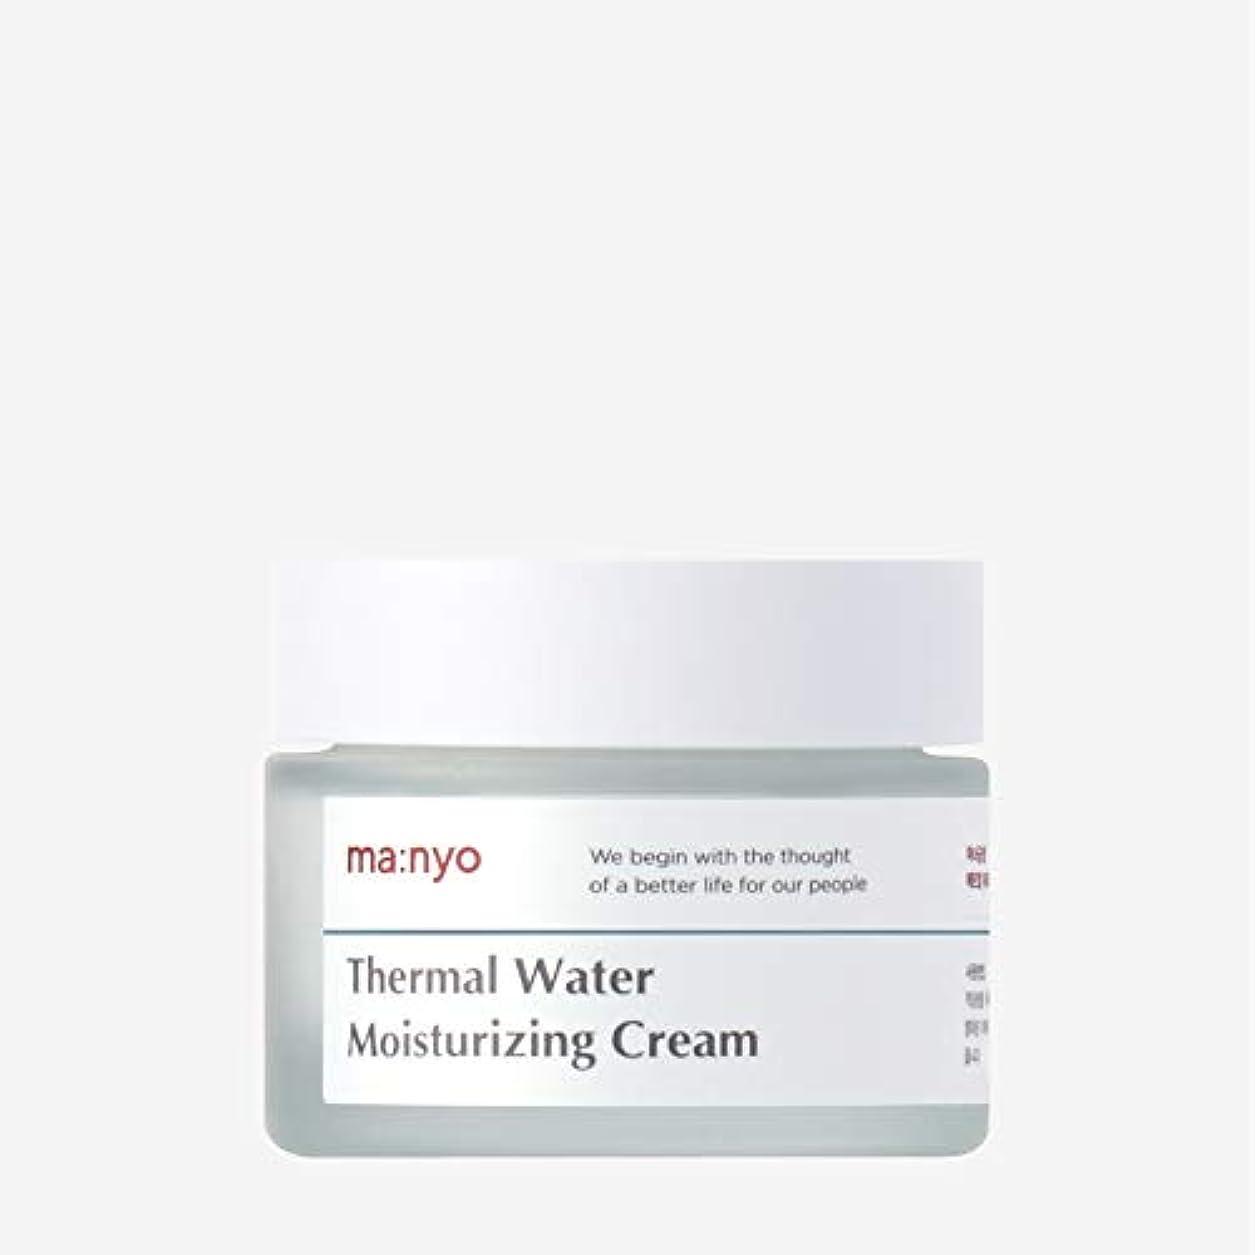 瞑想する火山のプレゼン魔女工場(Manyo Factory) 温泉水ミネラルクリーム 50ml / 天然ミネラル、チェコ温泉水67%で保湿補充